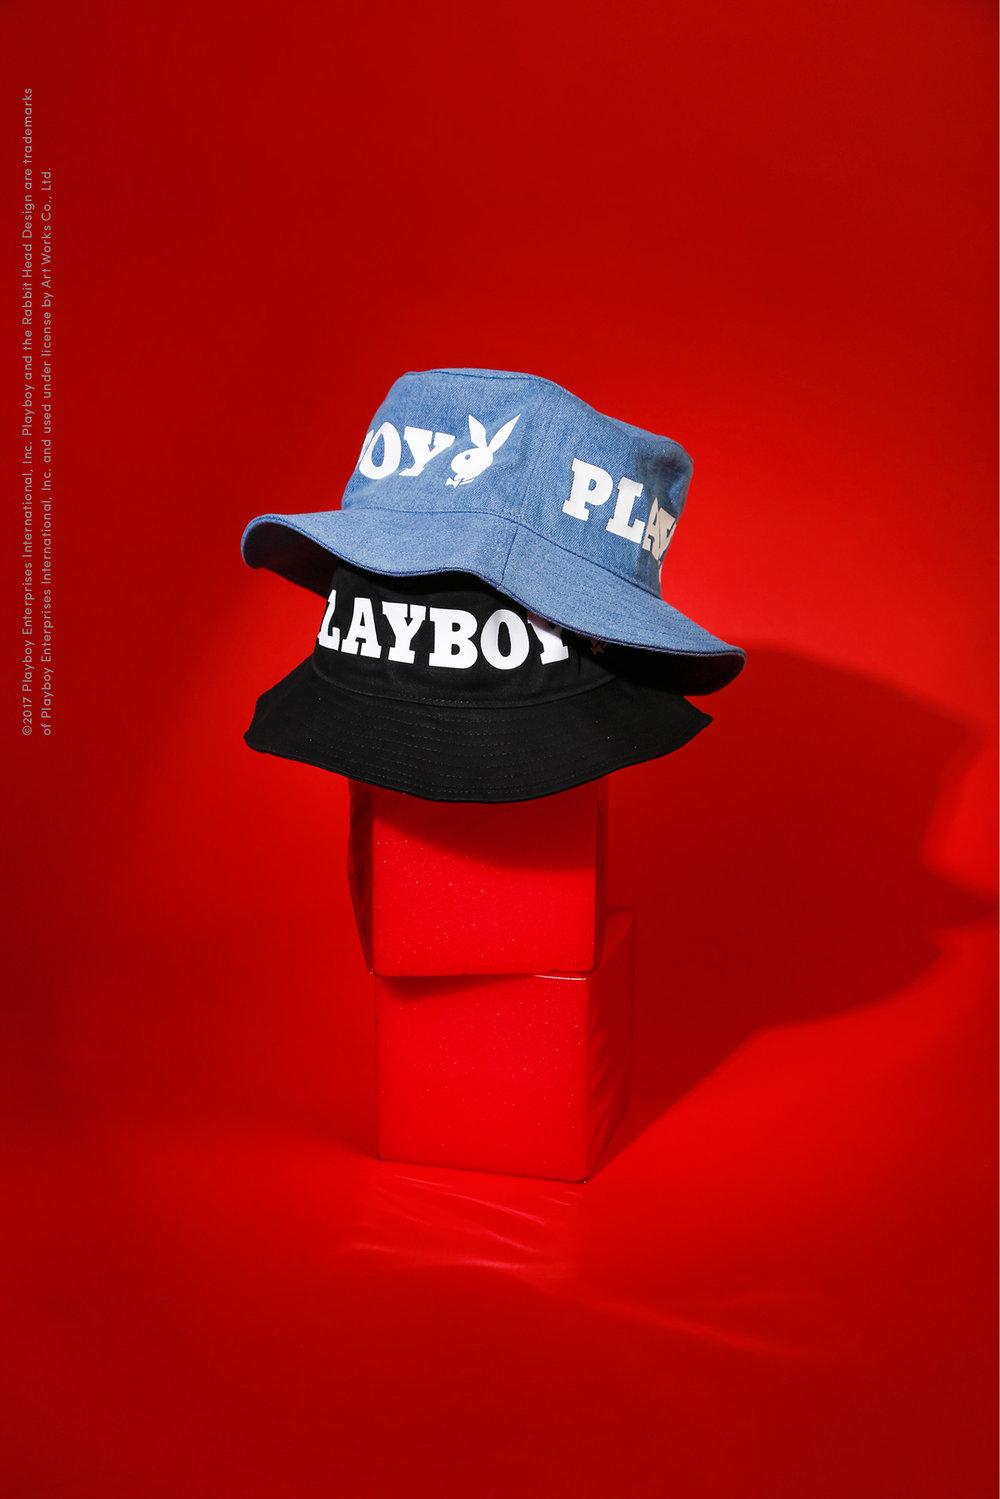 Playboy__29.jpg